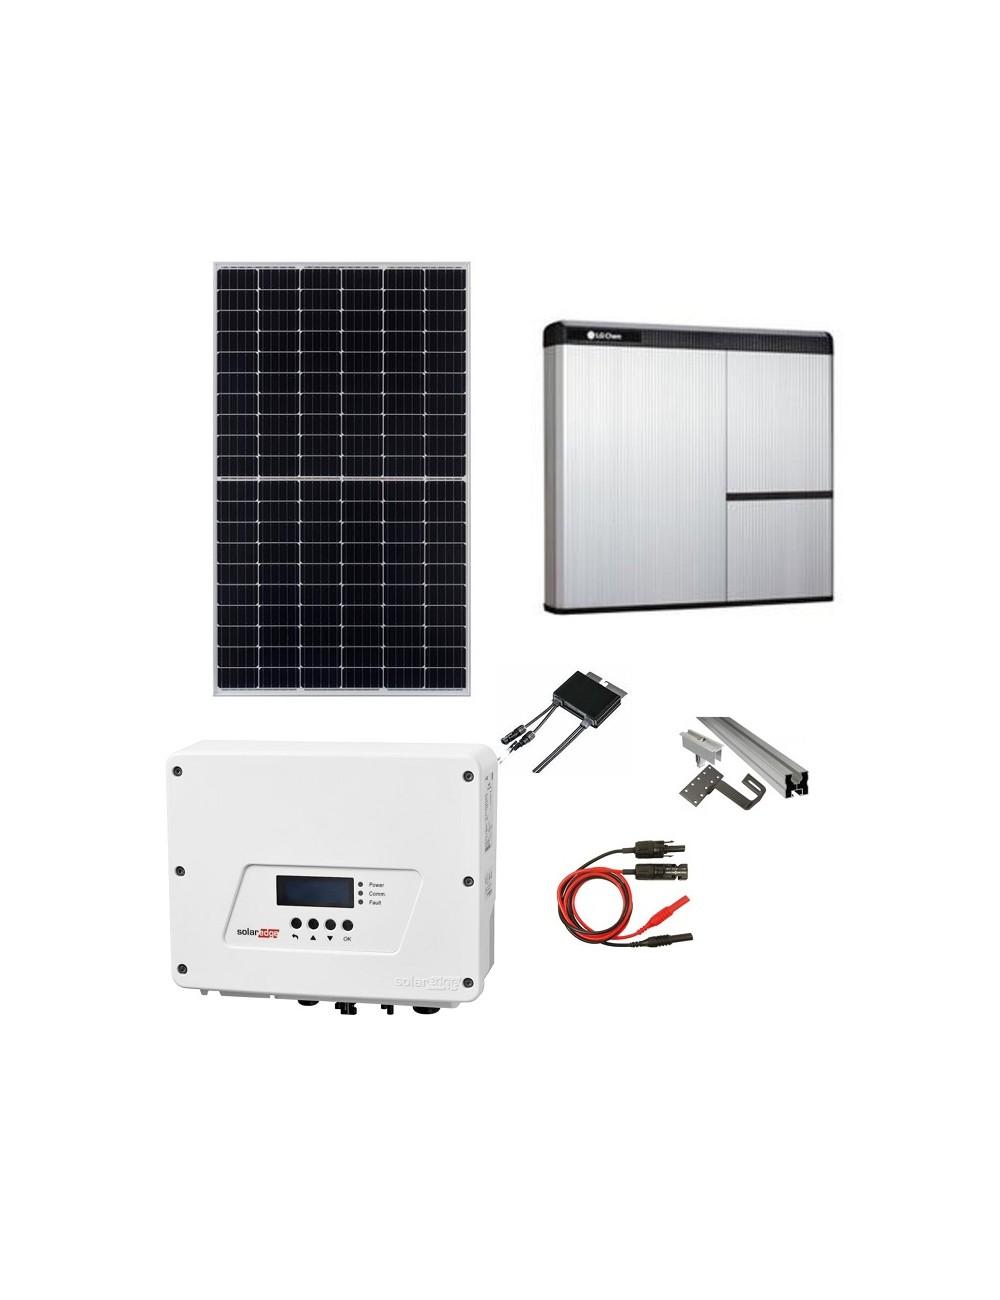 Kit Fotovoltaico 6 kW con Sistema di Accumulo 7 kWh LG Chem RESU7H e Inverter SolarEdge HD Wave SE6000H con Ottimizzatori